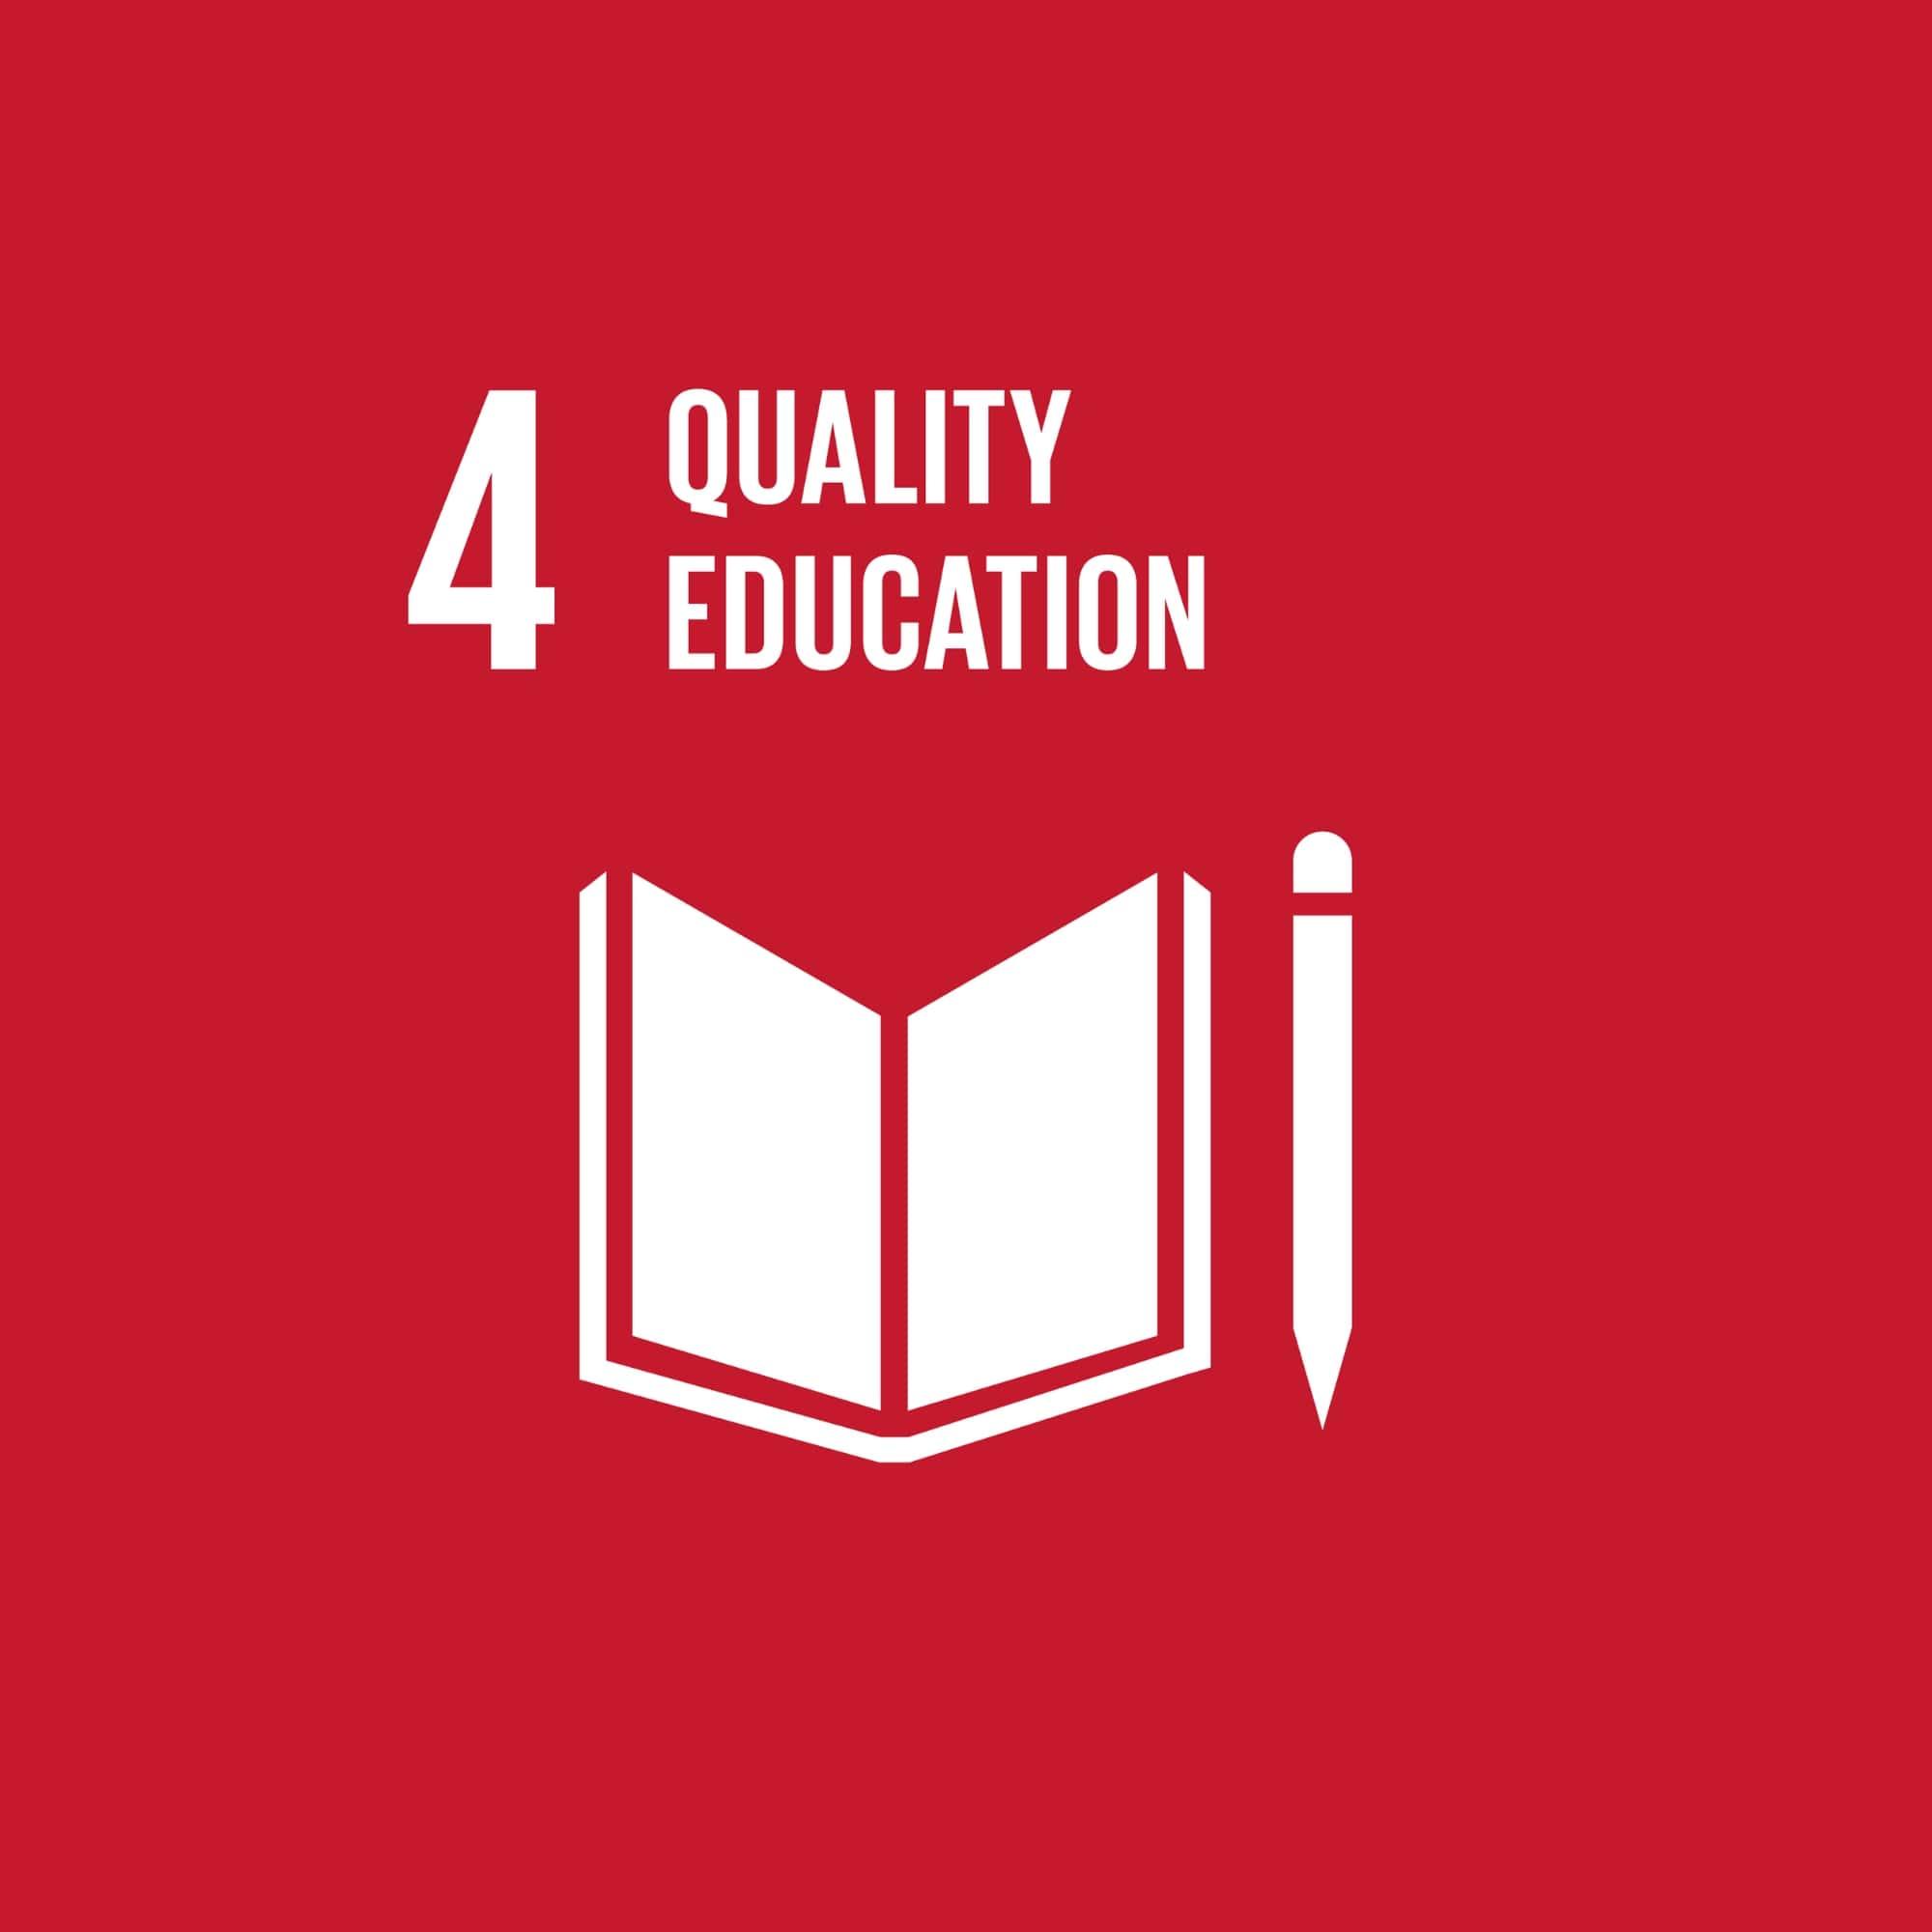 GLOBAL SUSTAINABILITY : QUALITY EDUCATION